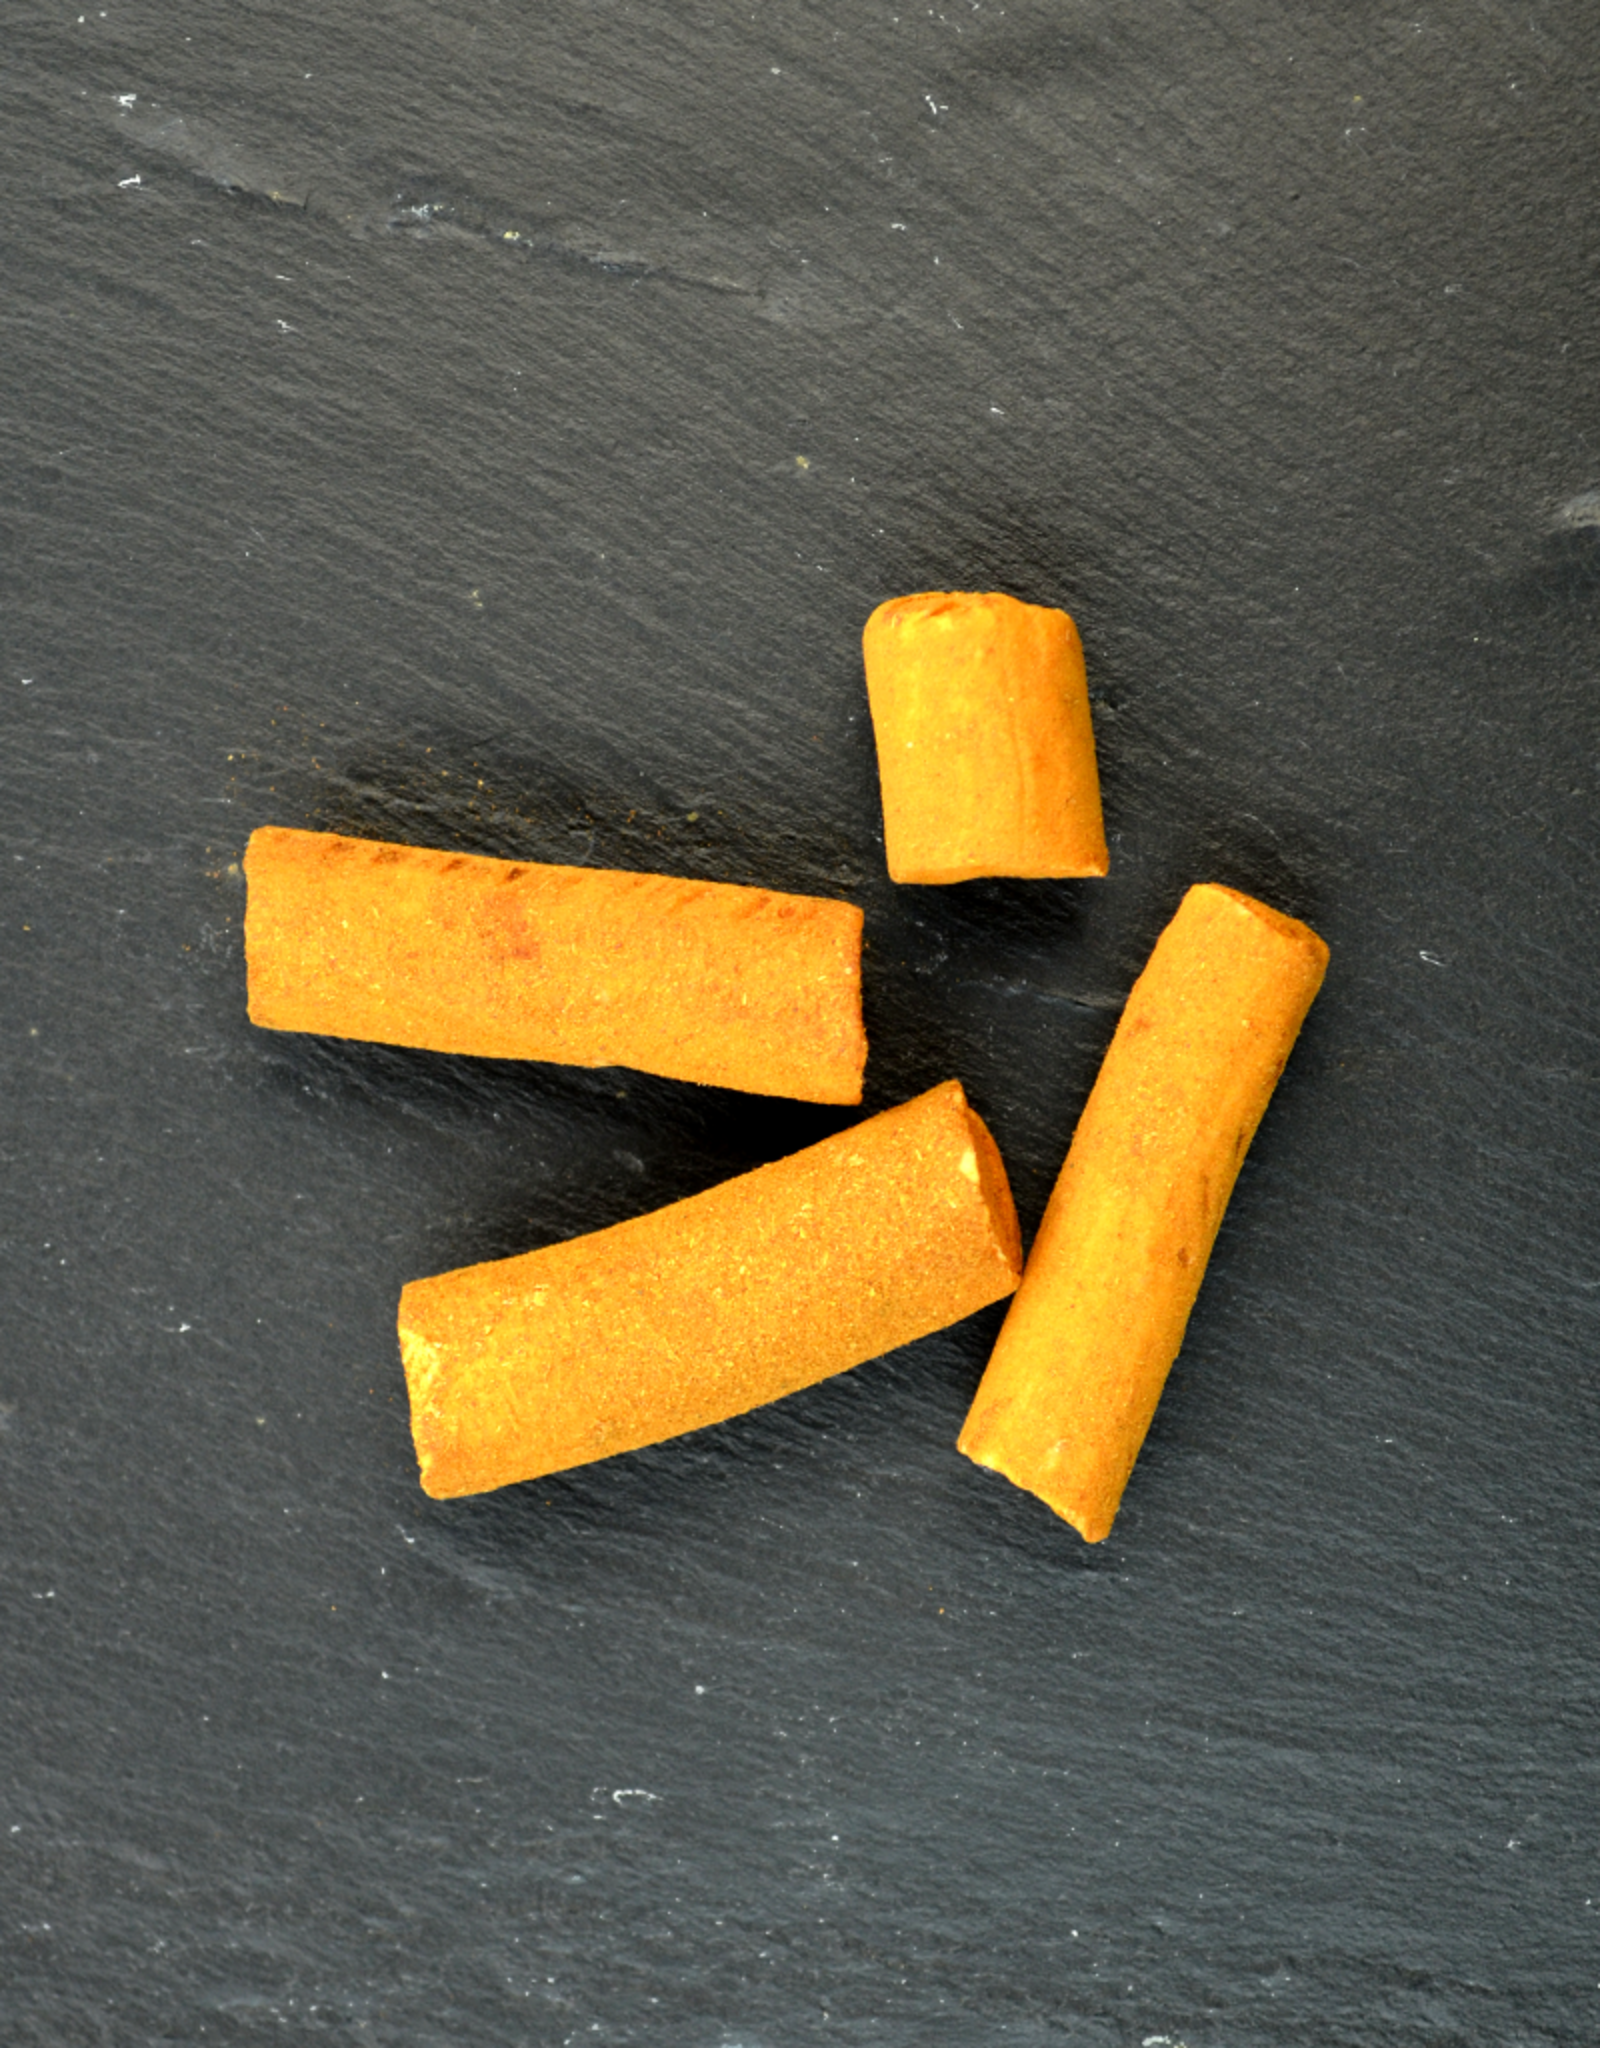 Bruur oud-Hollandse kaneelstokjes snoep